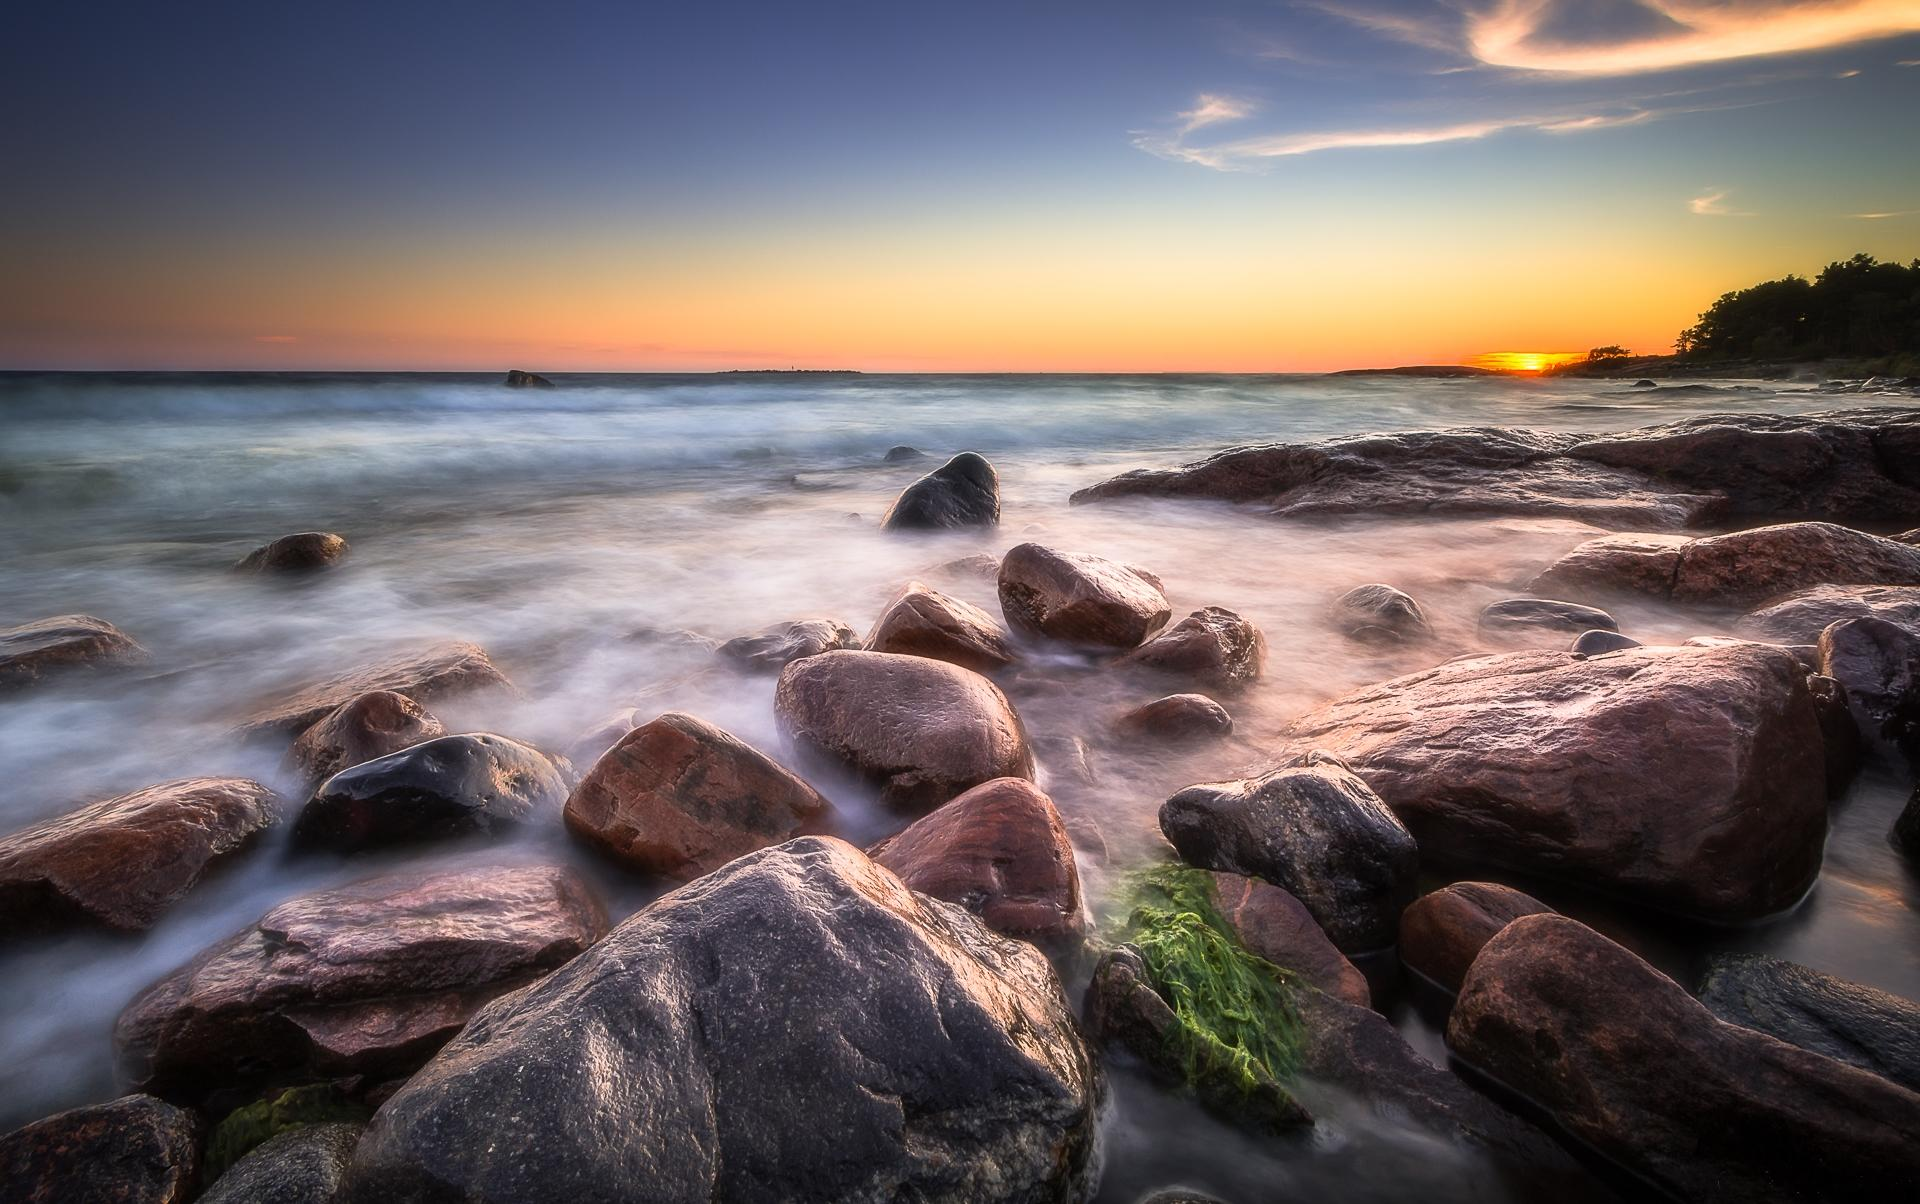 обои закат, море, камни, волны картинки фото